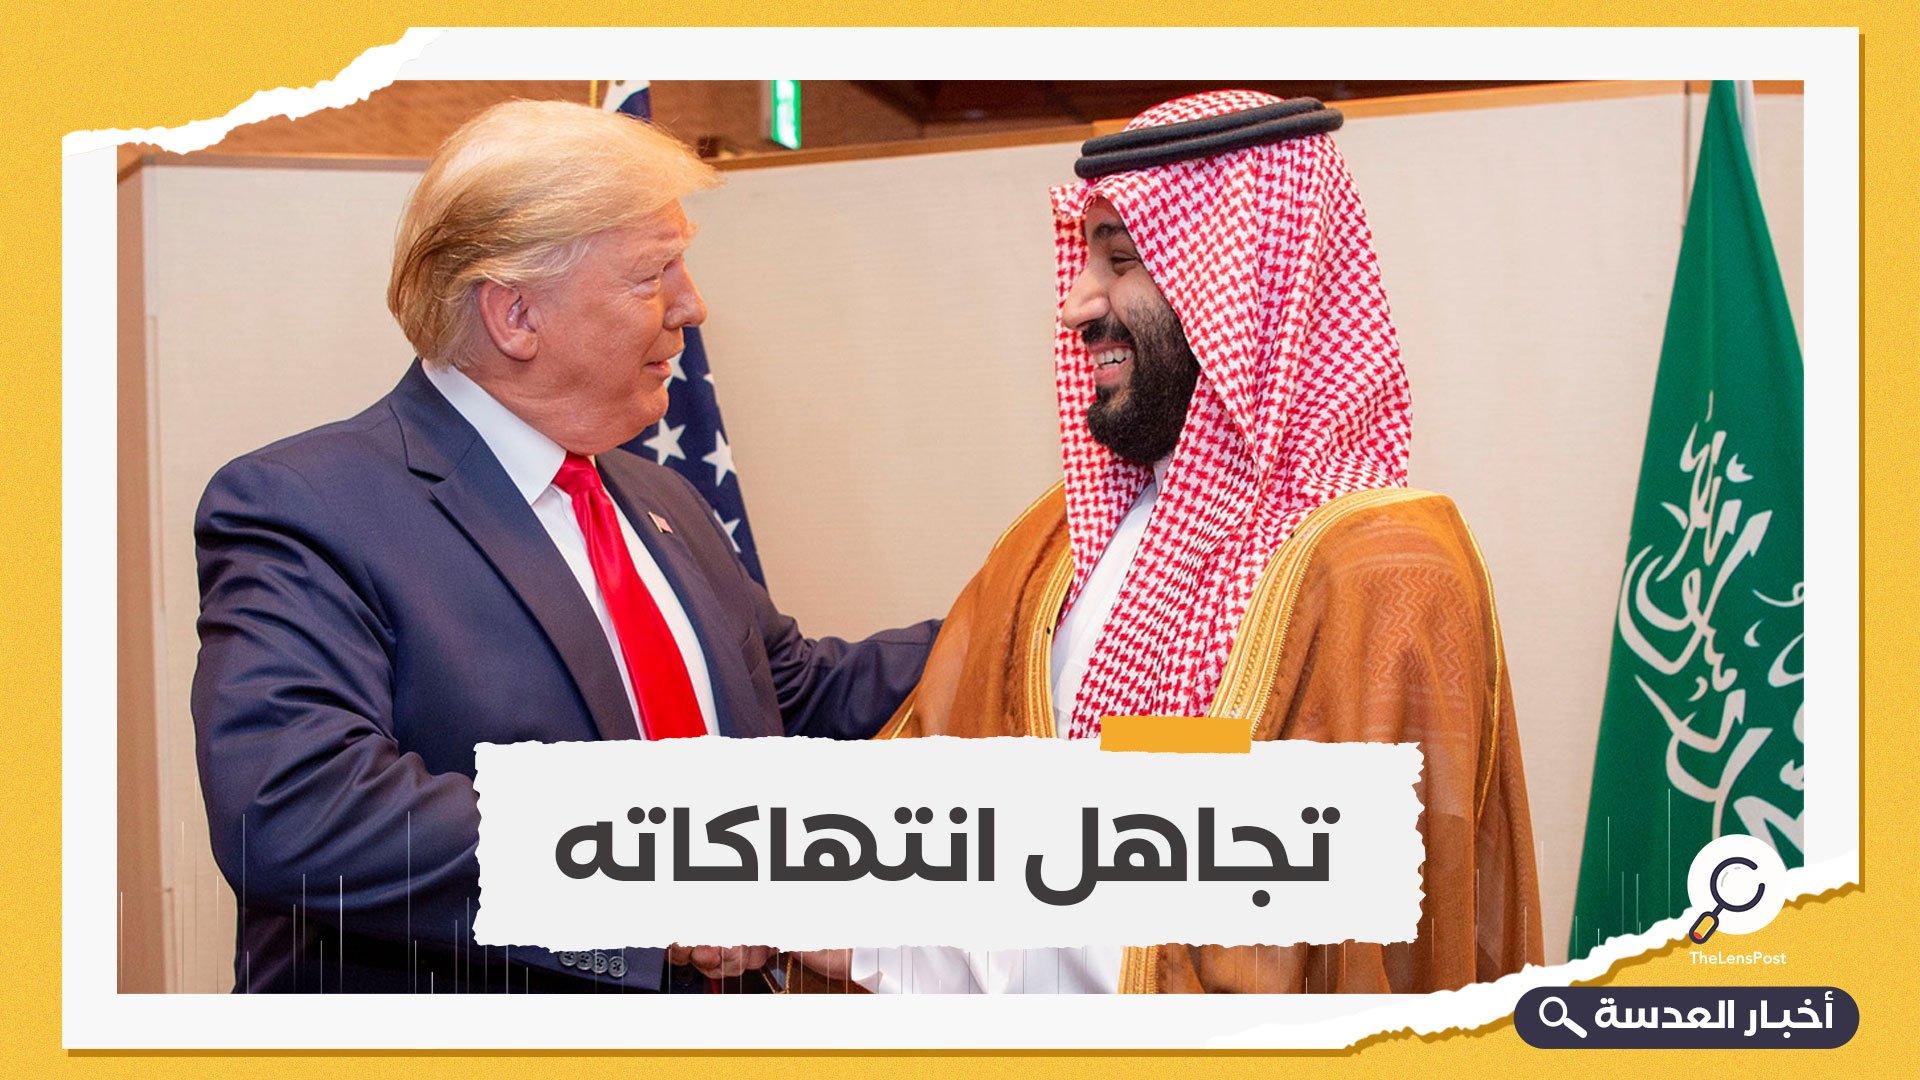 ترامب يكافئ بن سلمان على انتهاكاته ويقرر منح السعودية قنابل ذكية بنصف مليار دولار